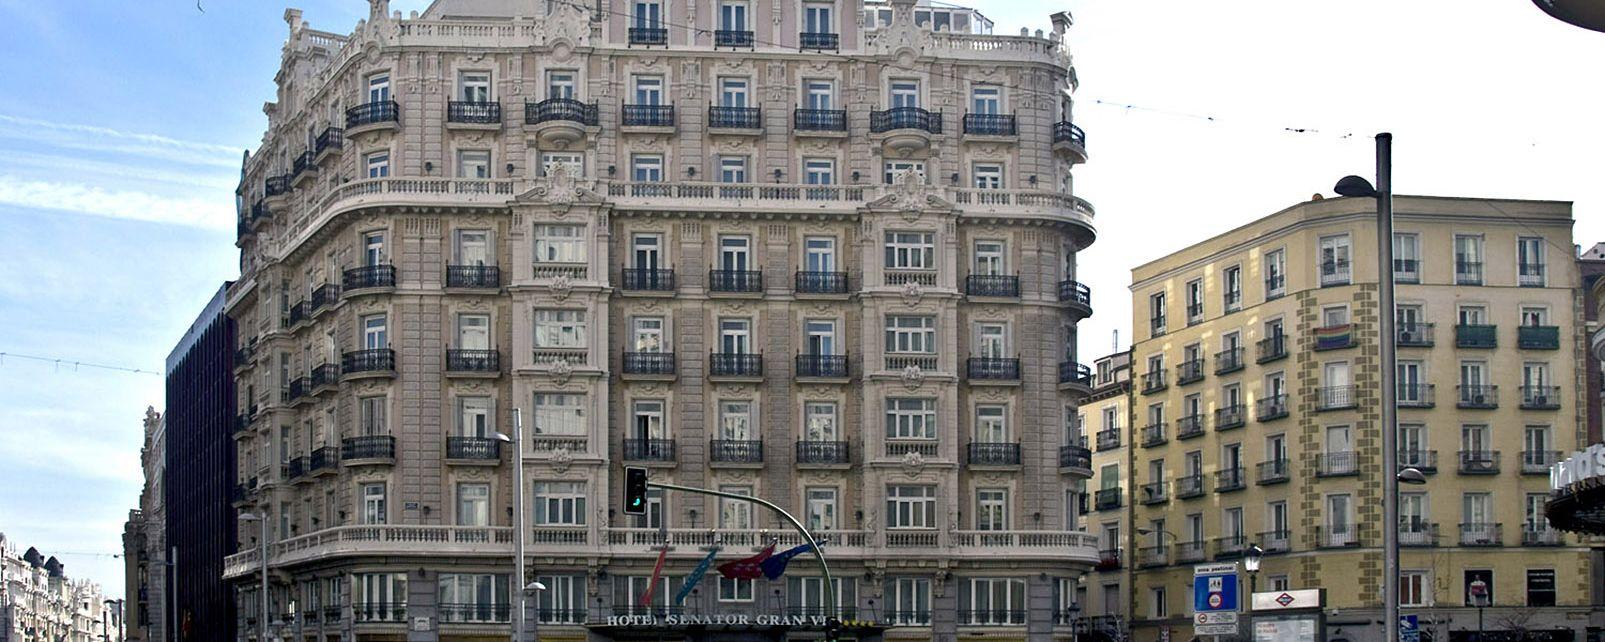 Hotel Senator Gran Vía 21